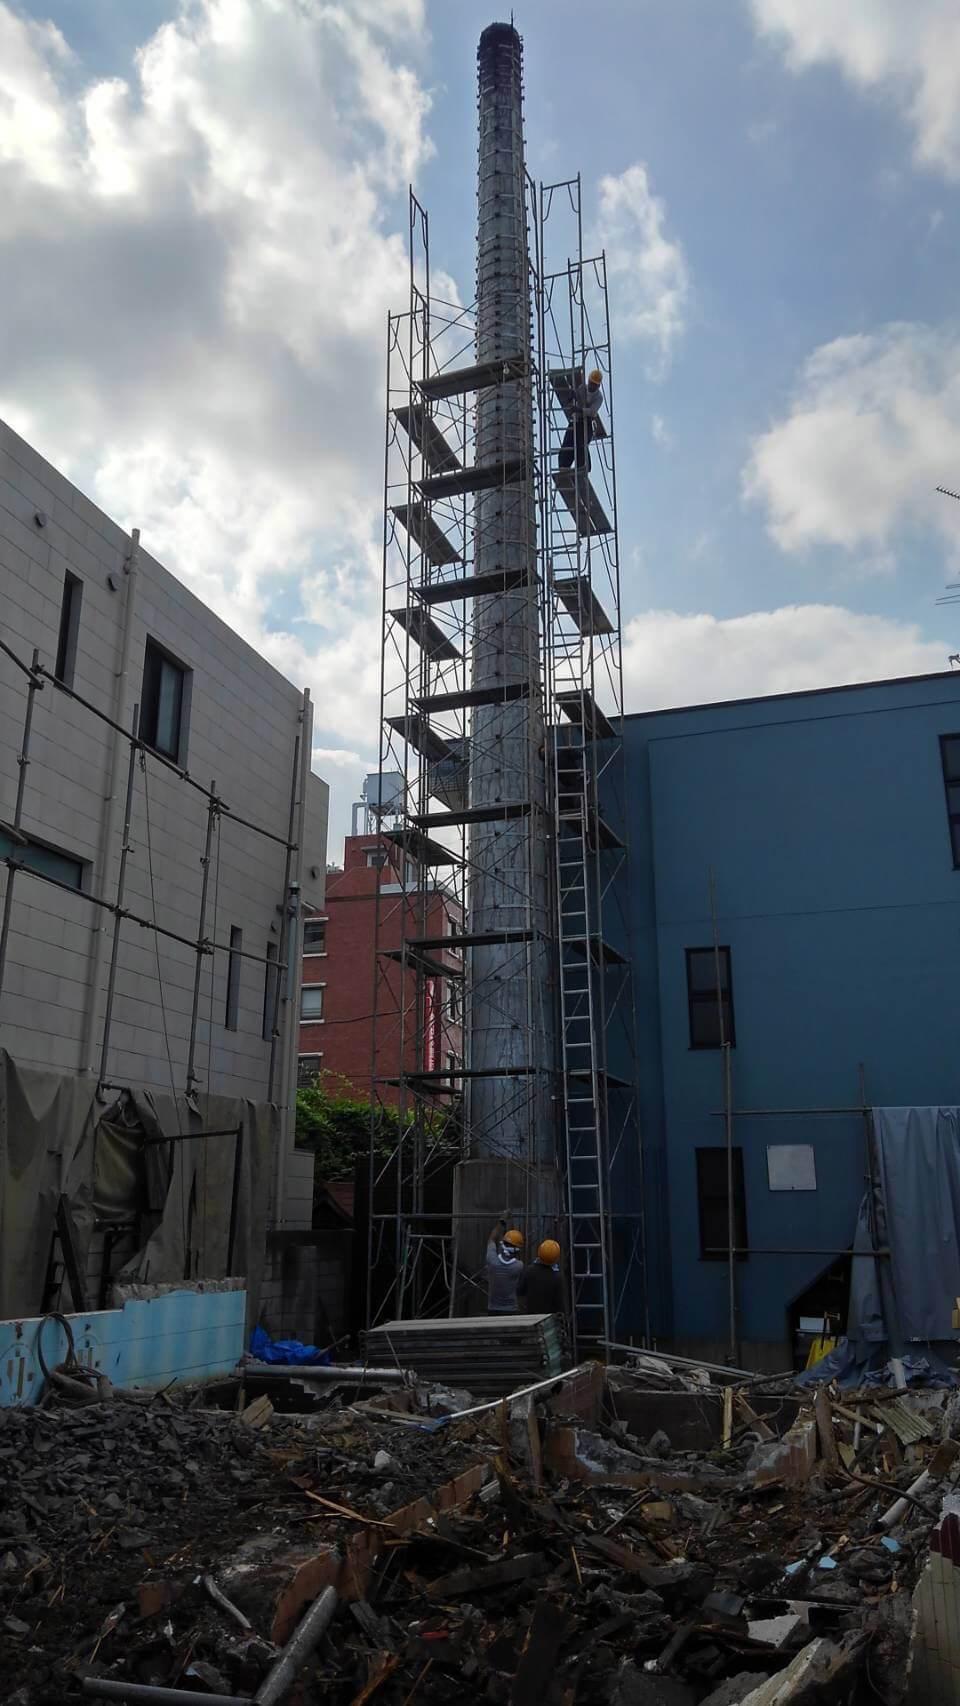 さいたま市浦和区 | 銭湯解体工事